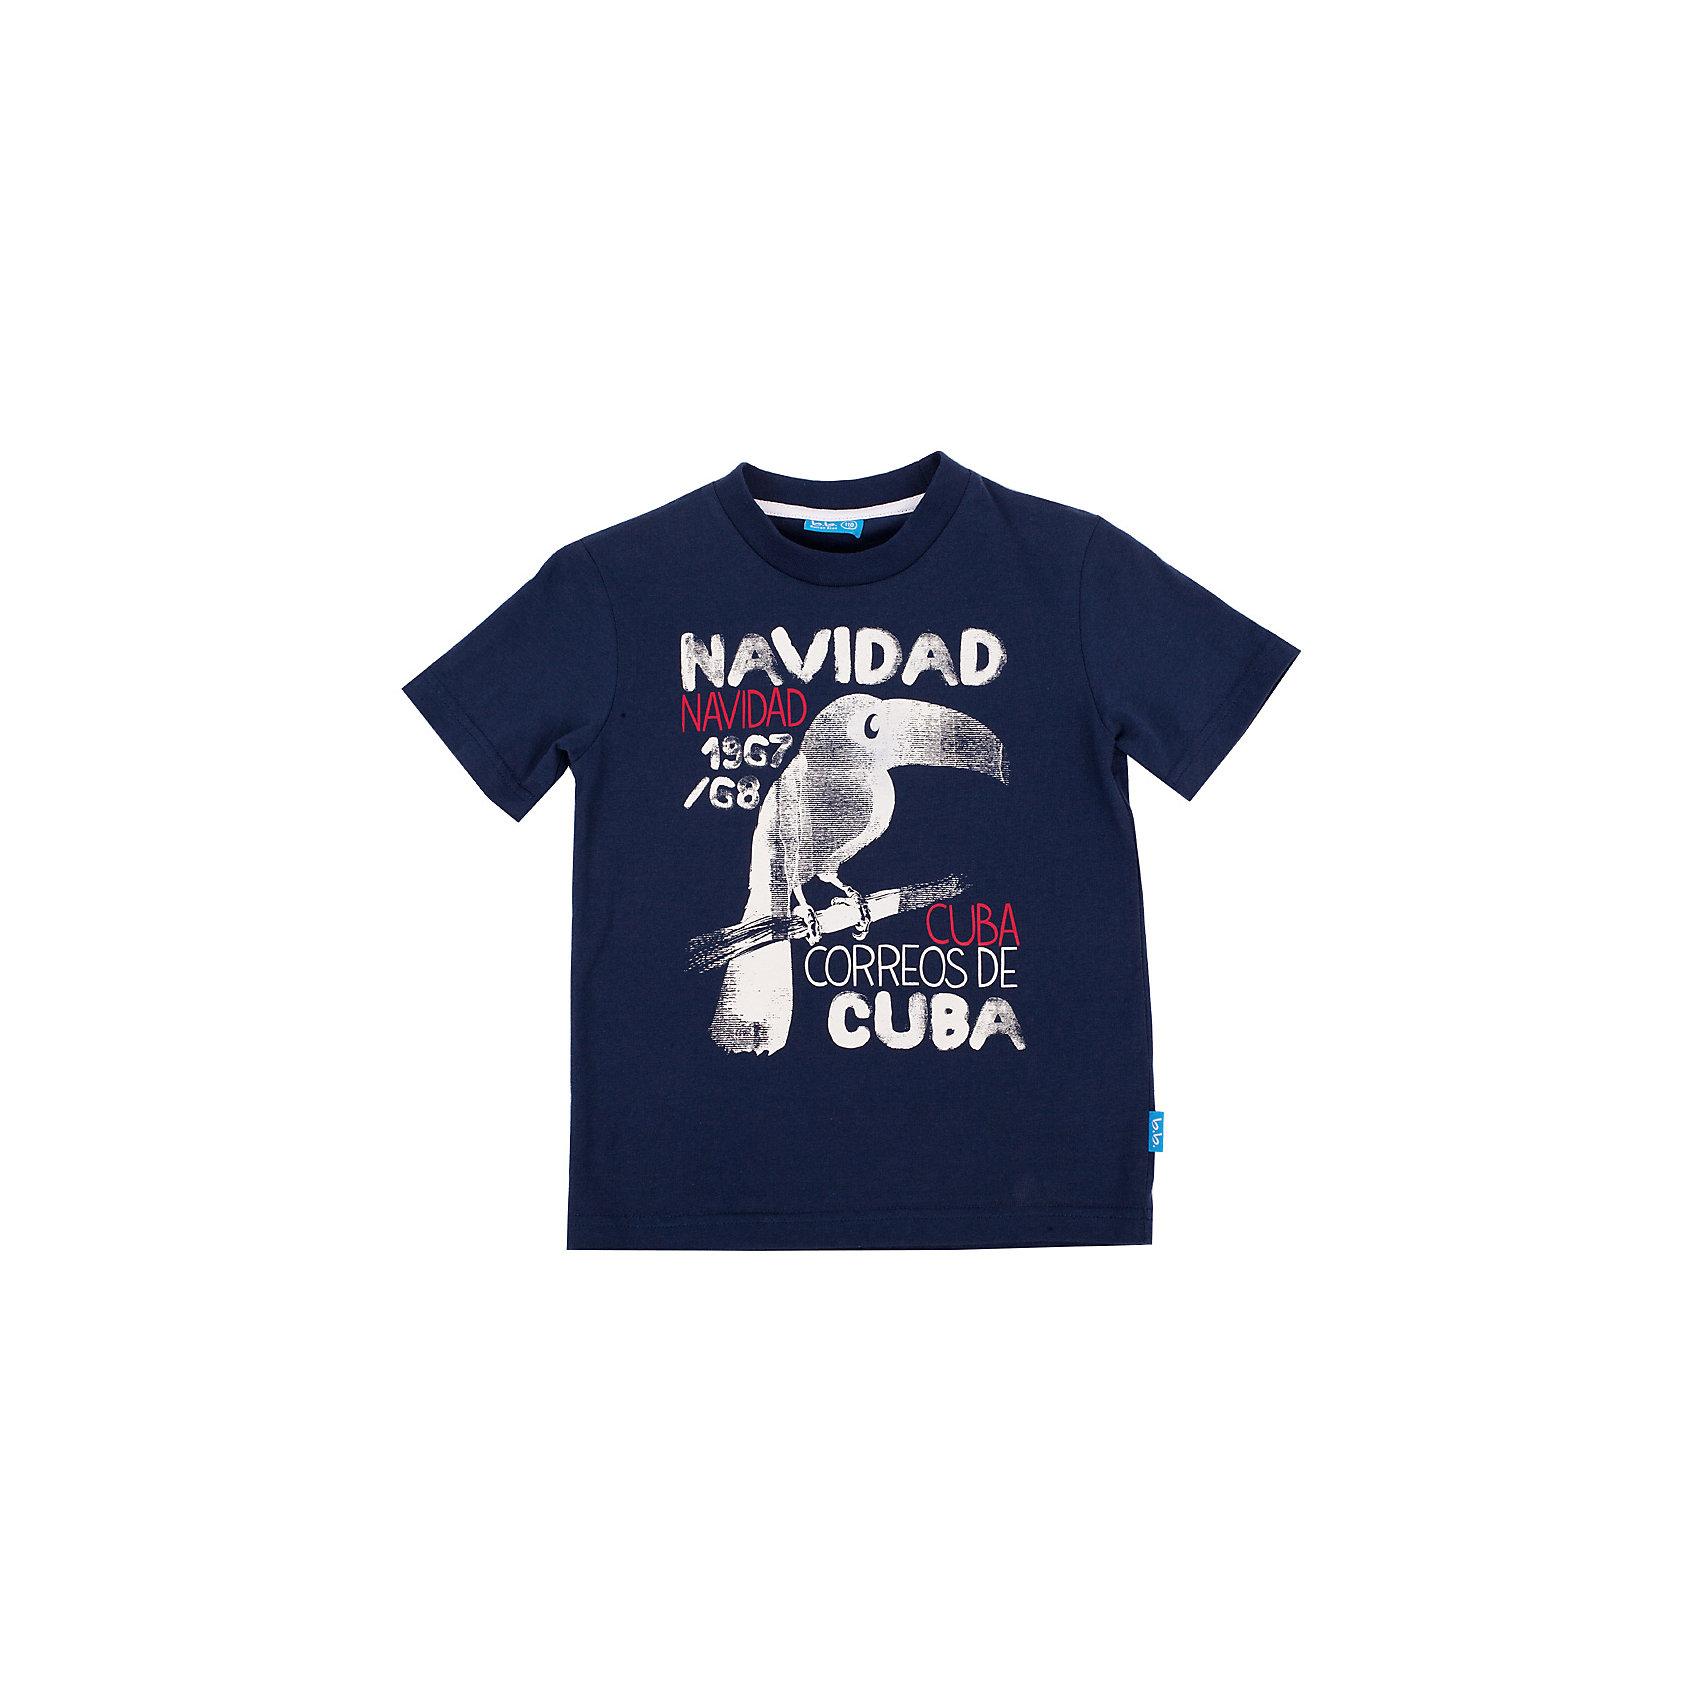 Футболка для мальчика Button BlueСиняя футболка с ярким принтом - не просто базовая вещь в гардеробе ребенка, а залог хорошего летнего настроения! Отличное качество и доступная цена прилагаются. Если вы решили купить недорогую футболку для мальчика, выберете модель футболки с оригинальным принтом, и ваш ребенок будет доволен!<br>Состав:<br>100% хлопок<br><br>Ширина мм: 199<br>Глубина мм: 10<br>Высота мм: 161<br>Вес г: 151<br>Цвет: синий<br>Возраст от месяцев: 60<br>Возраст до месяцев: 72<br>Пол: Мужской<br>Возраст: Детский<br>Размер: 98,104,128,110,116,122<br>SKU: 4510143